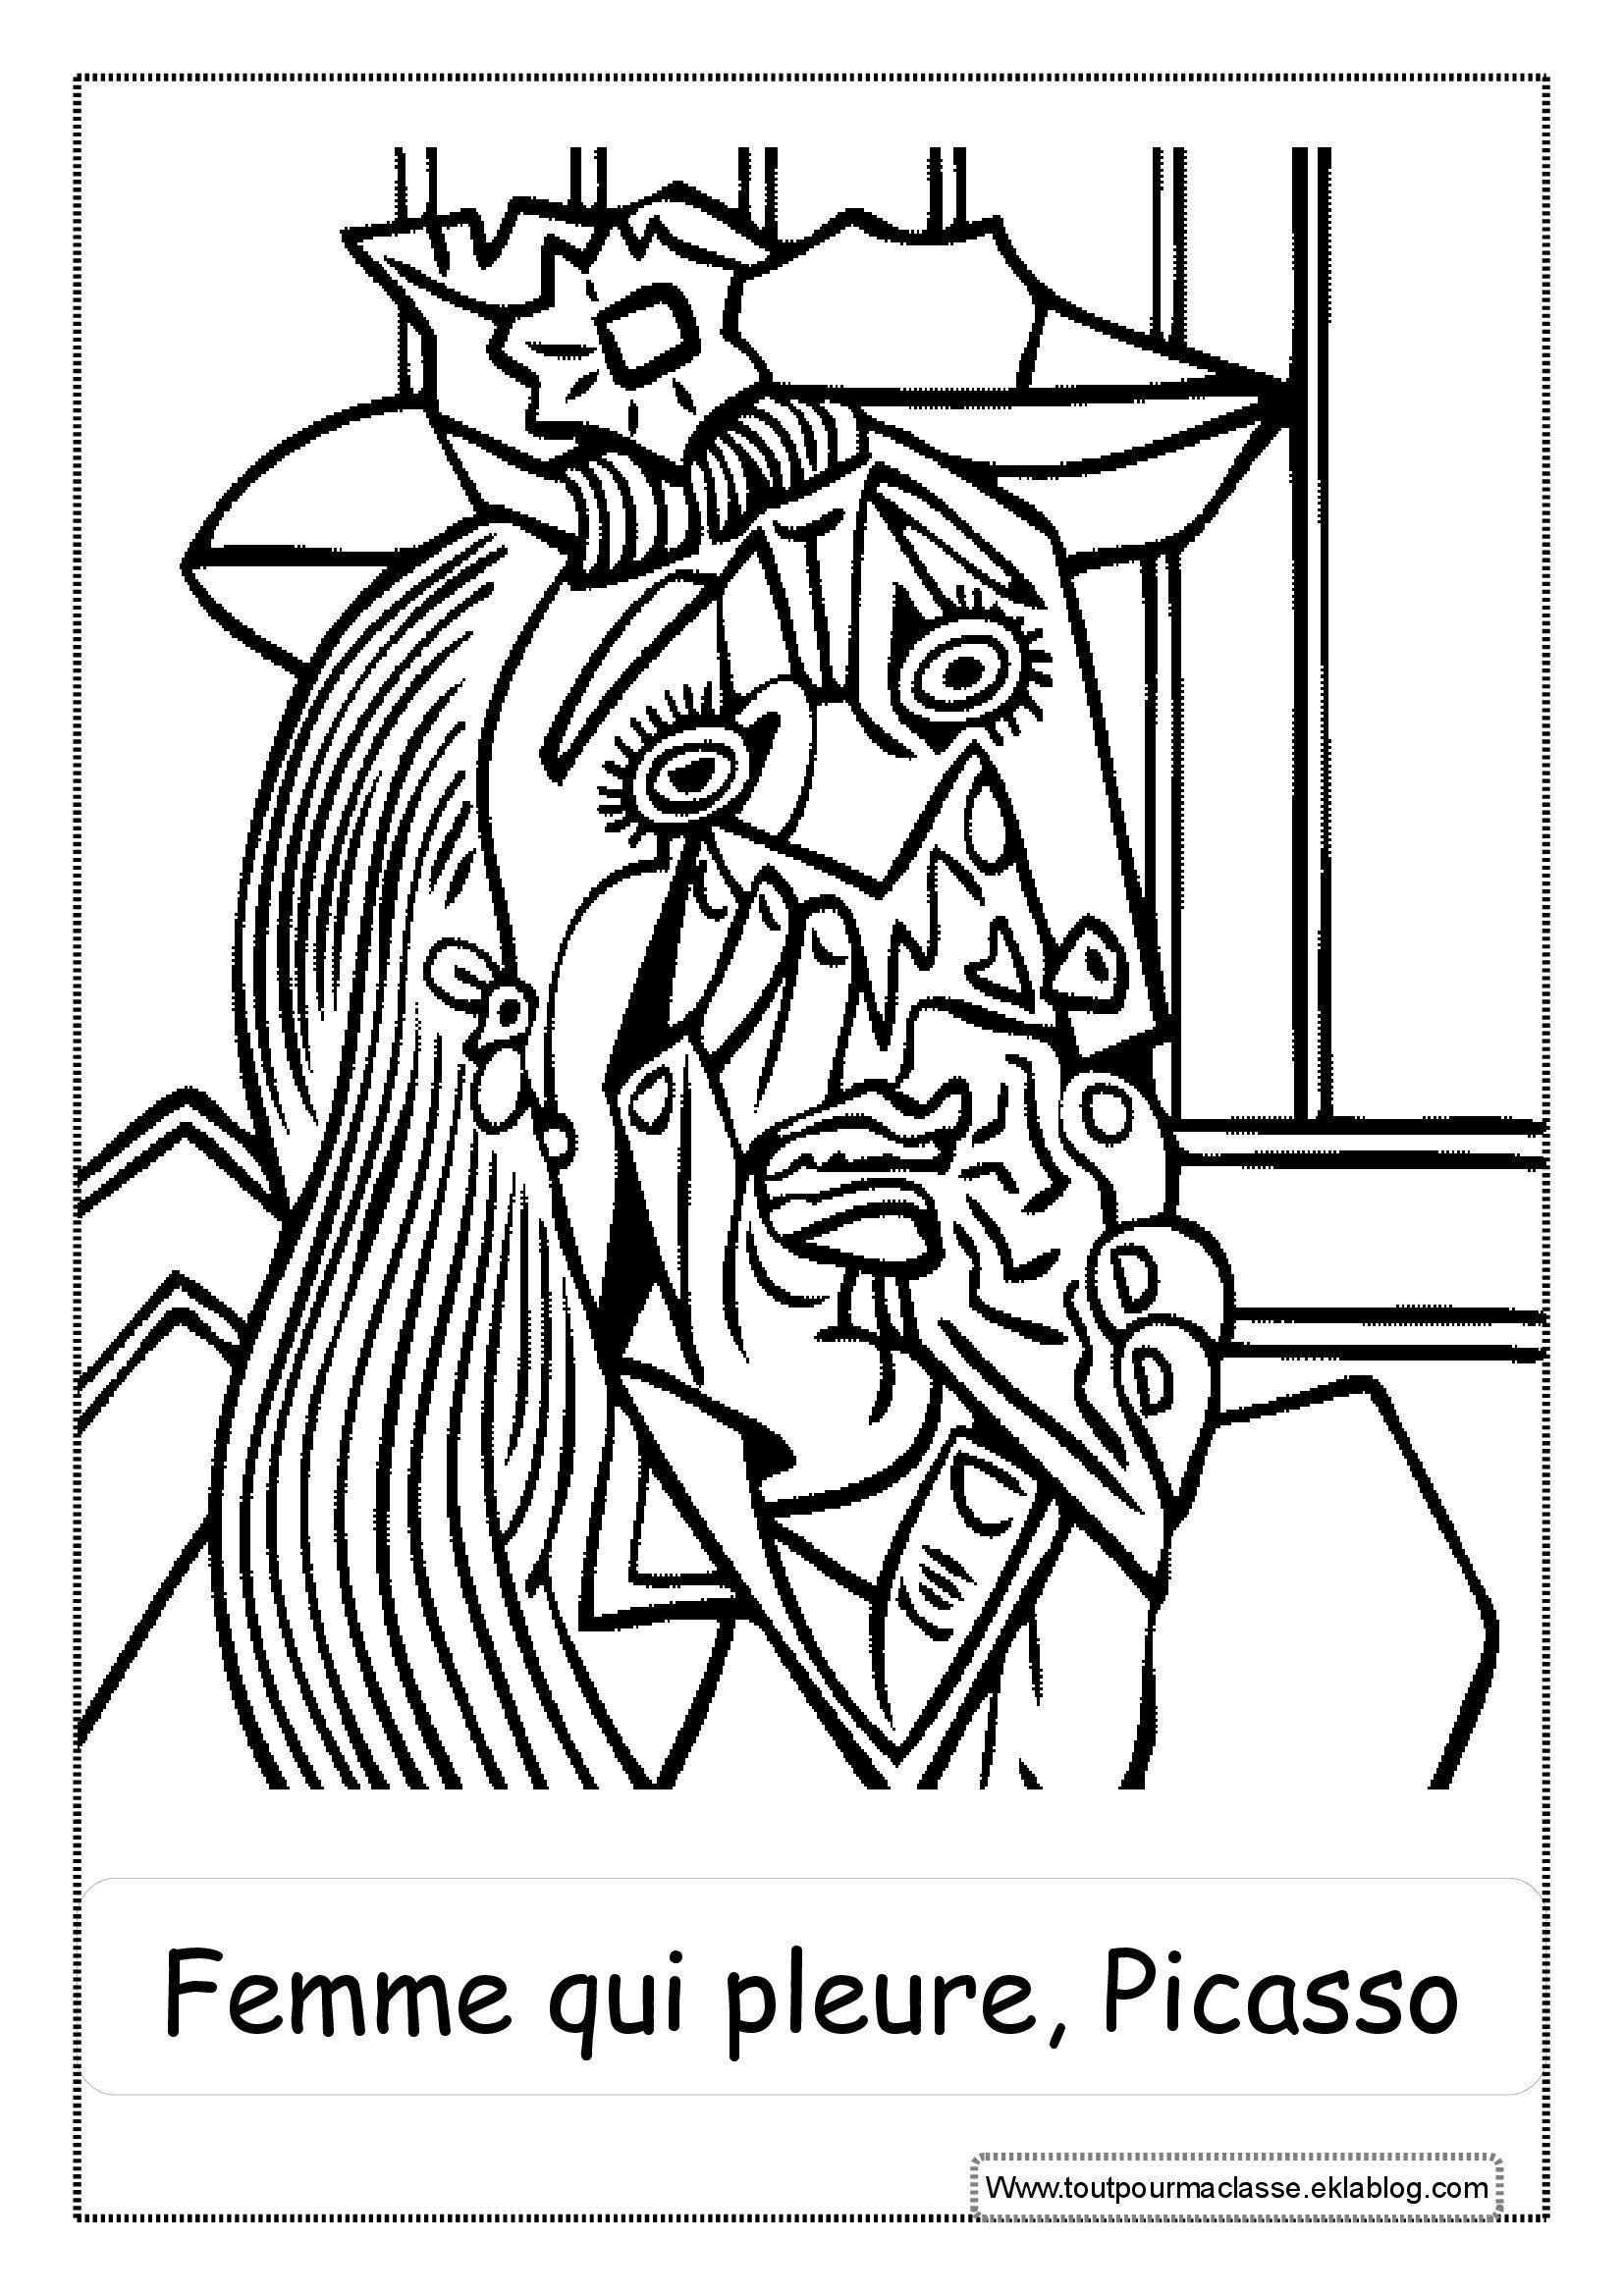 Artiste Picasso Kunst Picasso Picasso Kubismus Kunst Unterrichten